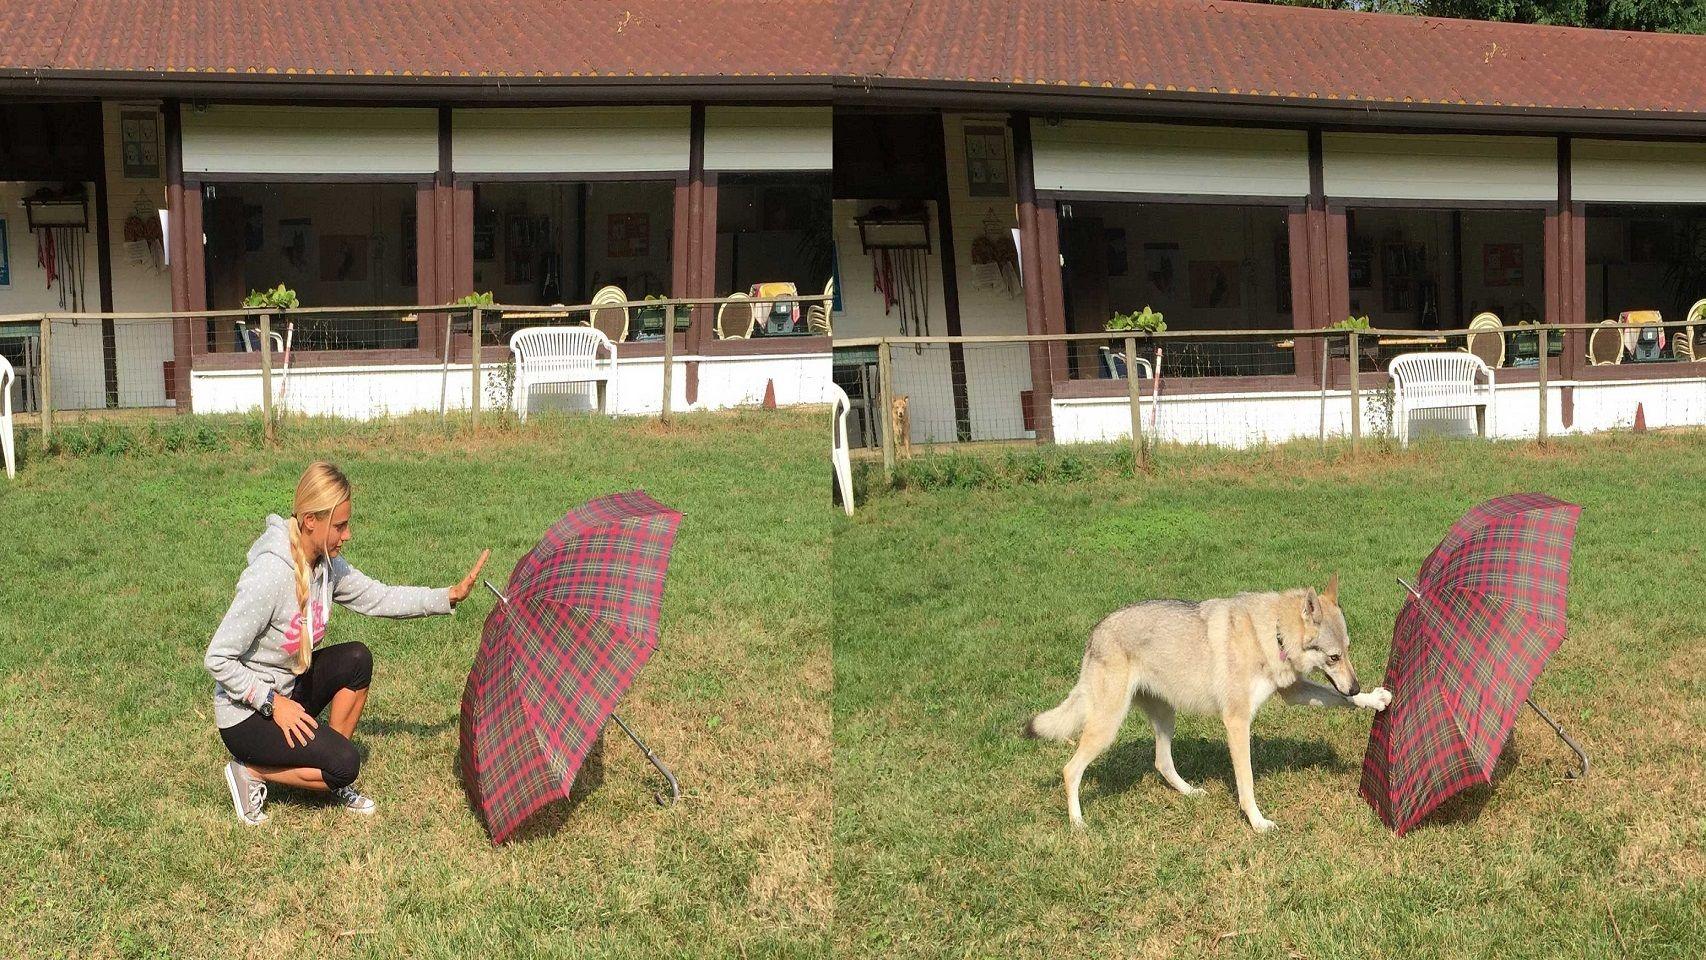 La investigadora prueba su teoría con su perro.